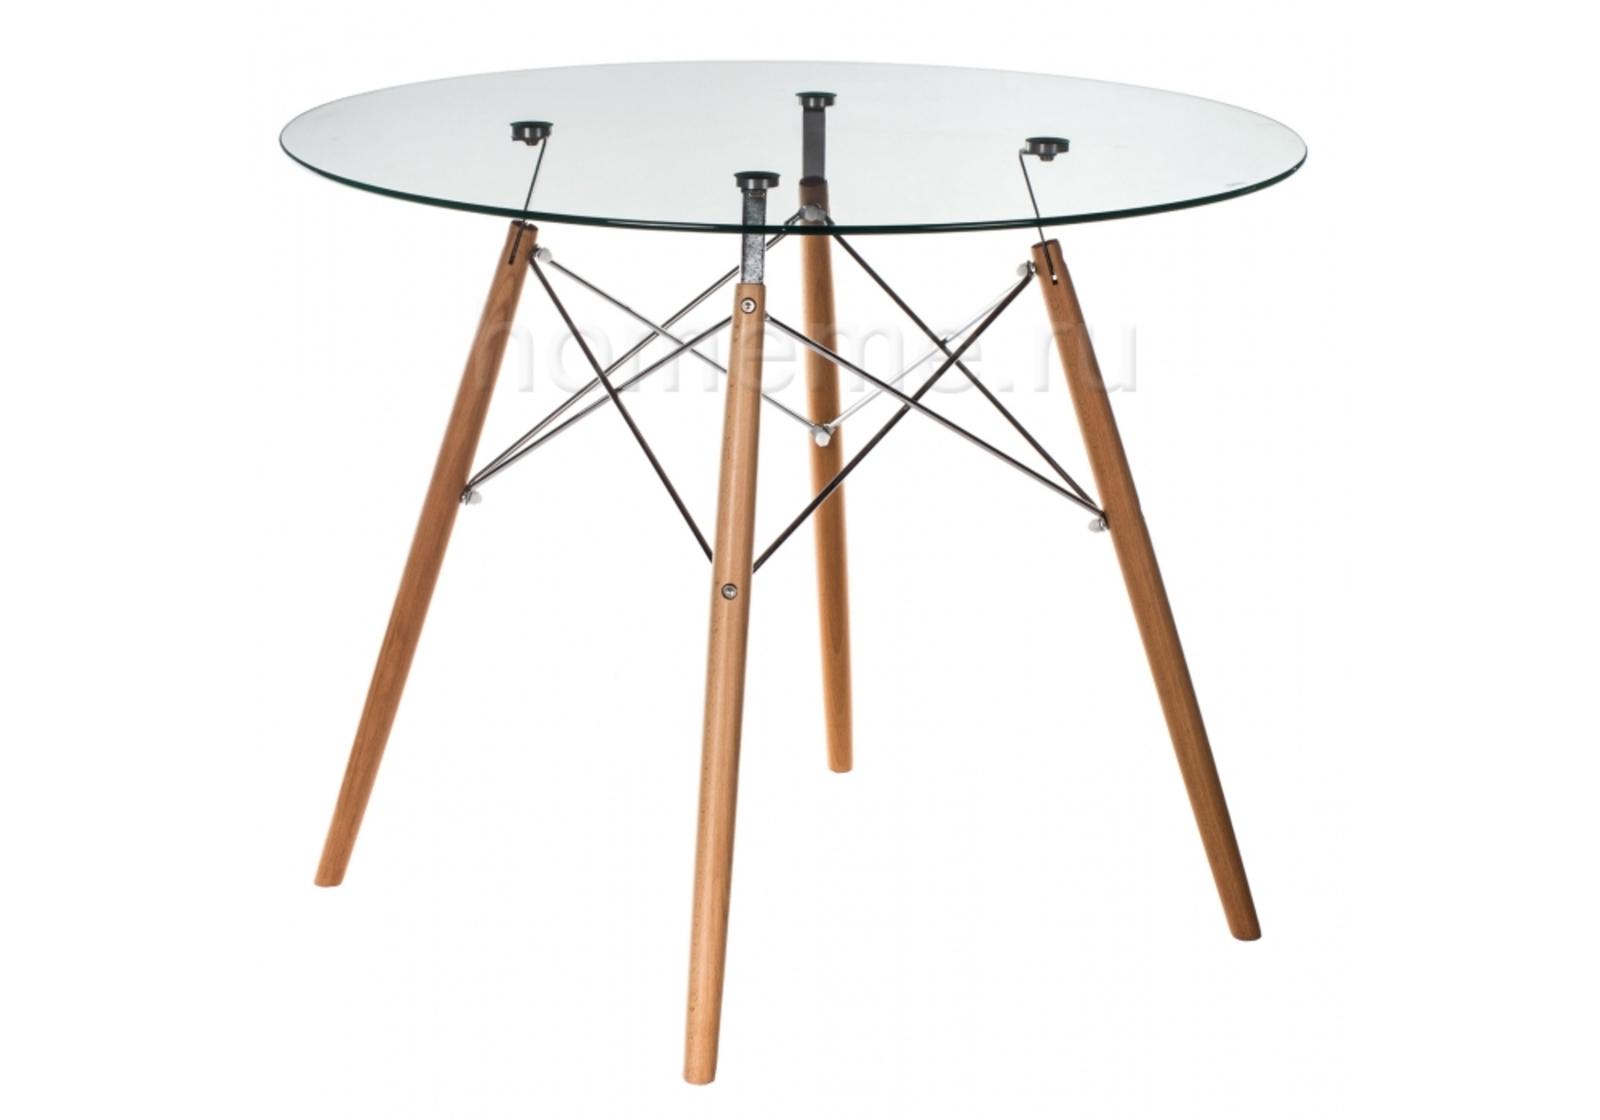 Стол деревянный Eames PT-151 80 11439 Eames PT-151 80 11439 (17016)